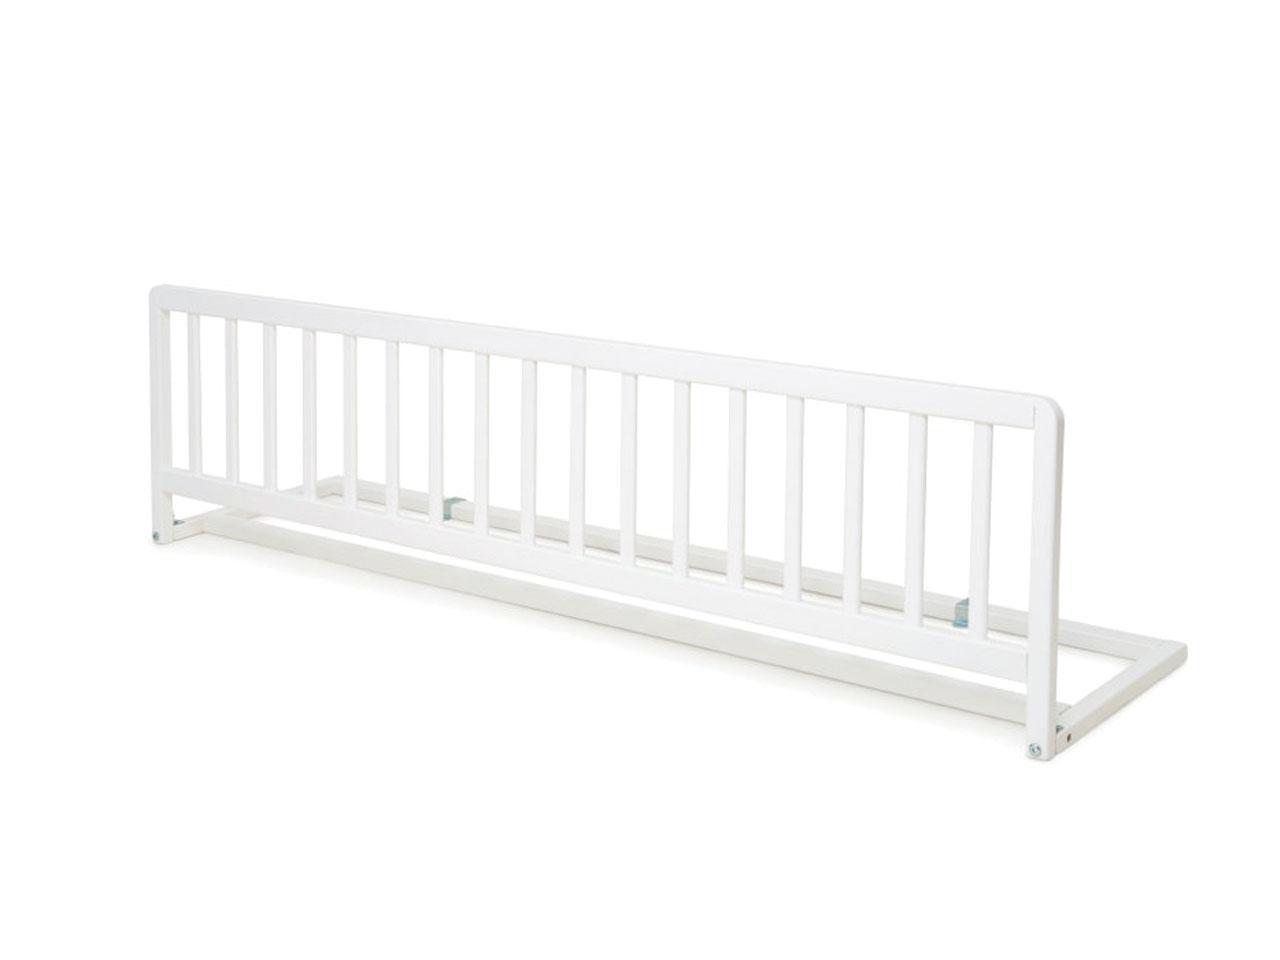 Zábrana na postel GEUTHER, bílá, 140 cm